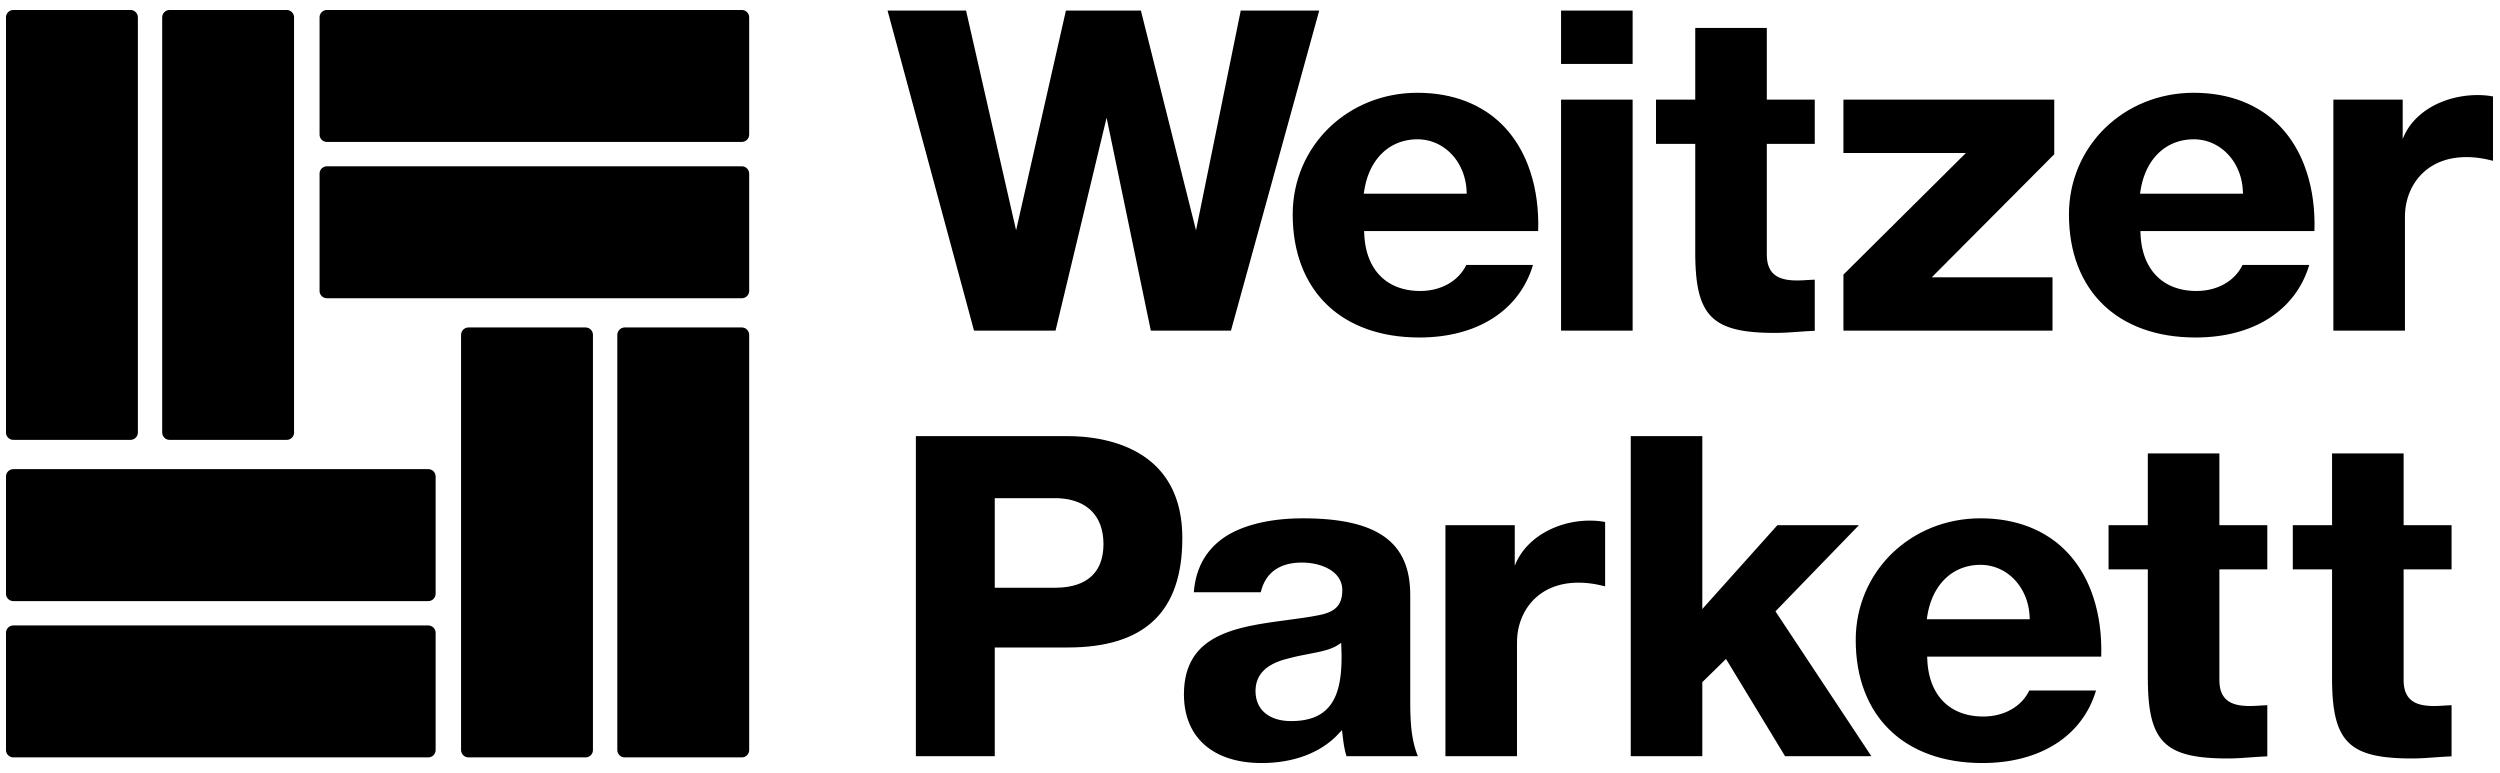 weitzer-parkett-logo.png